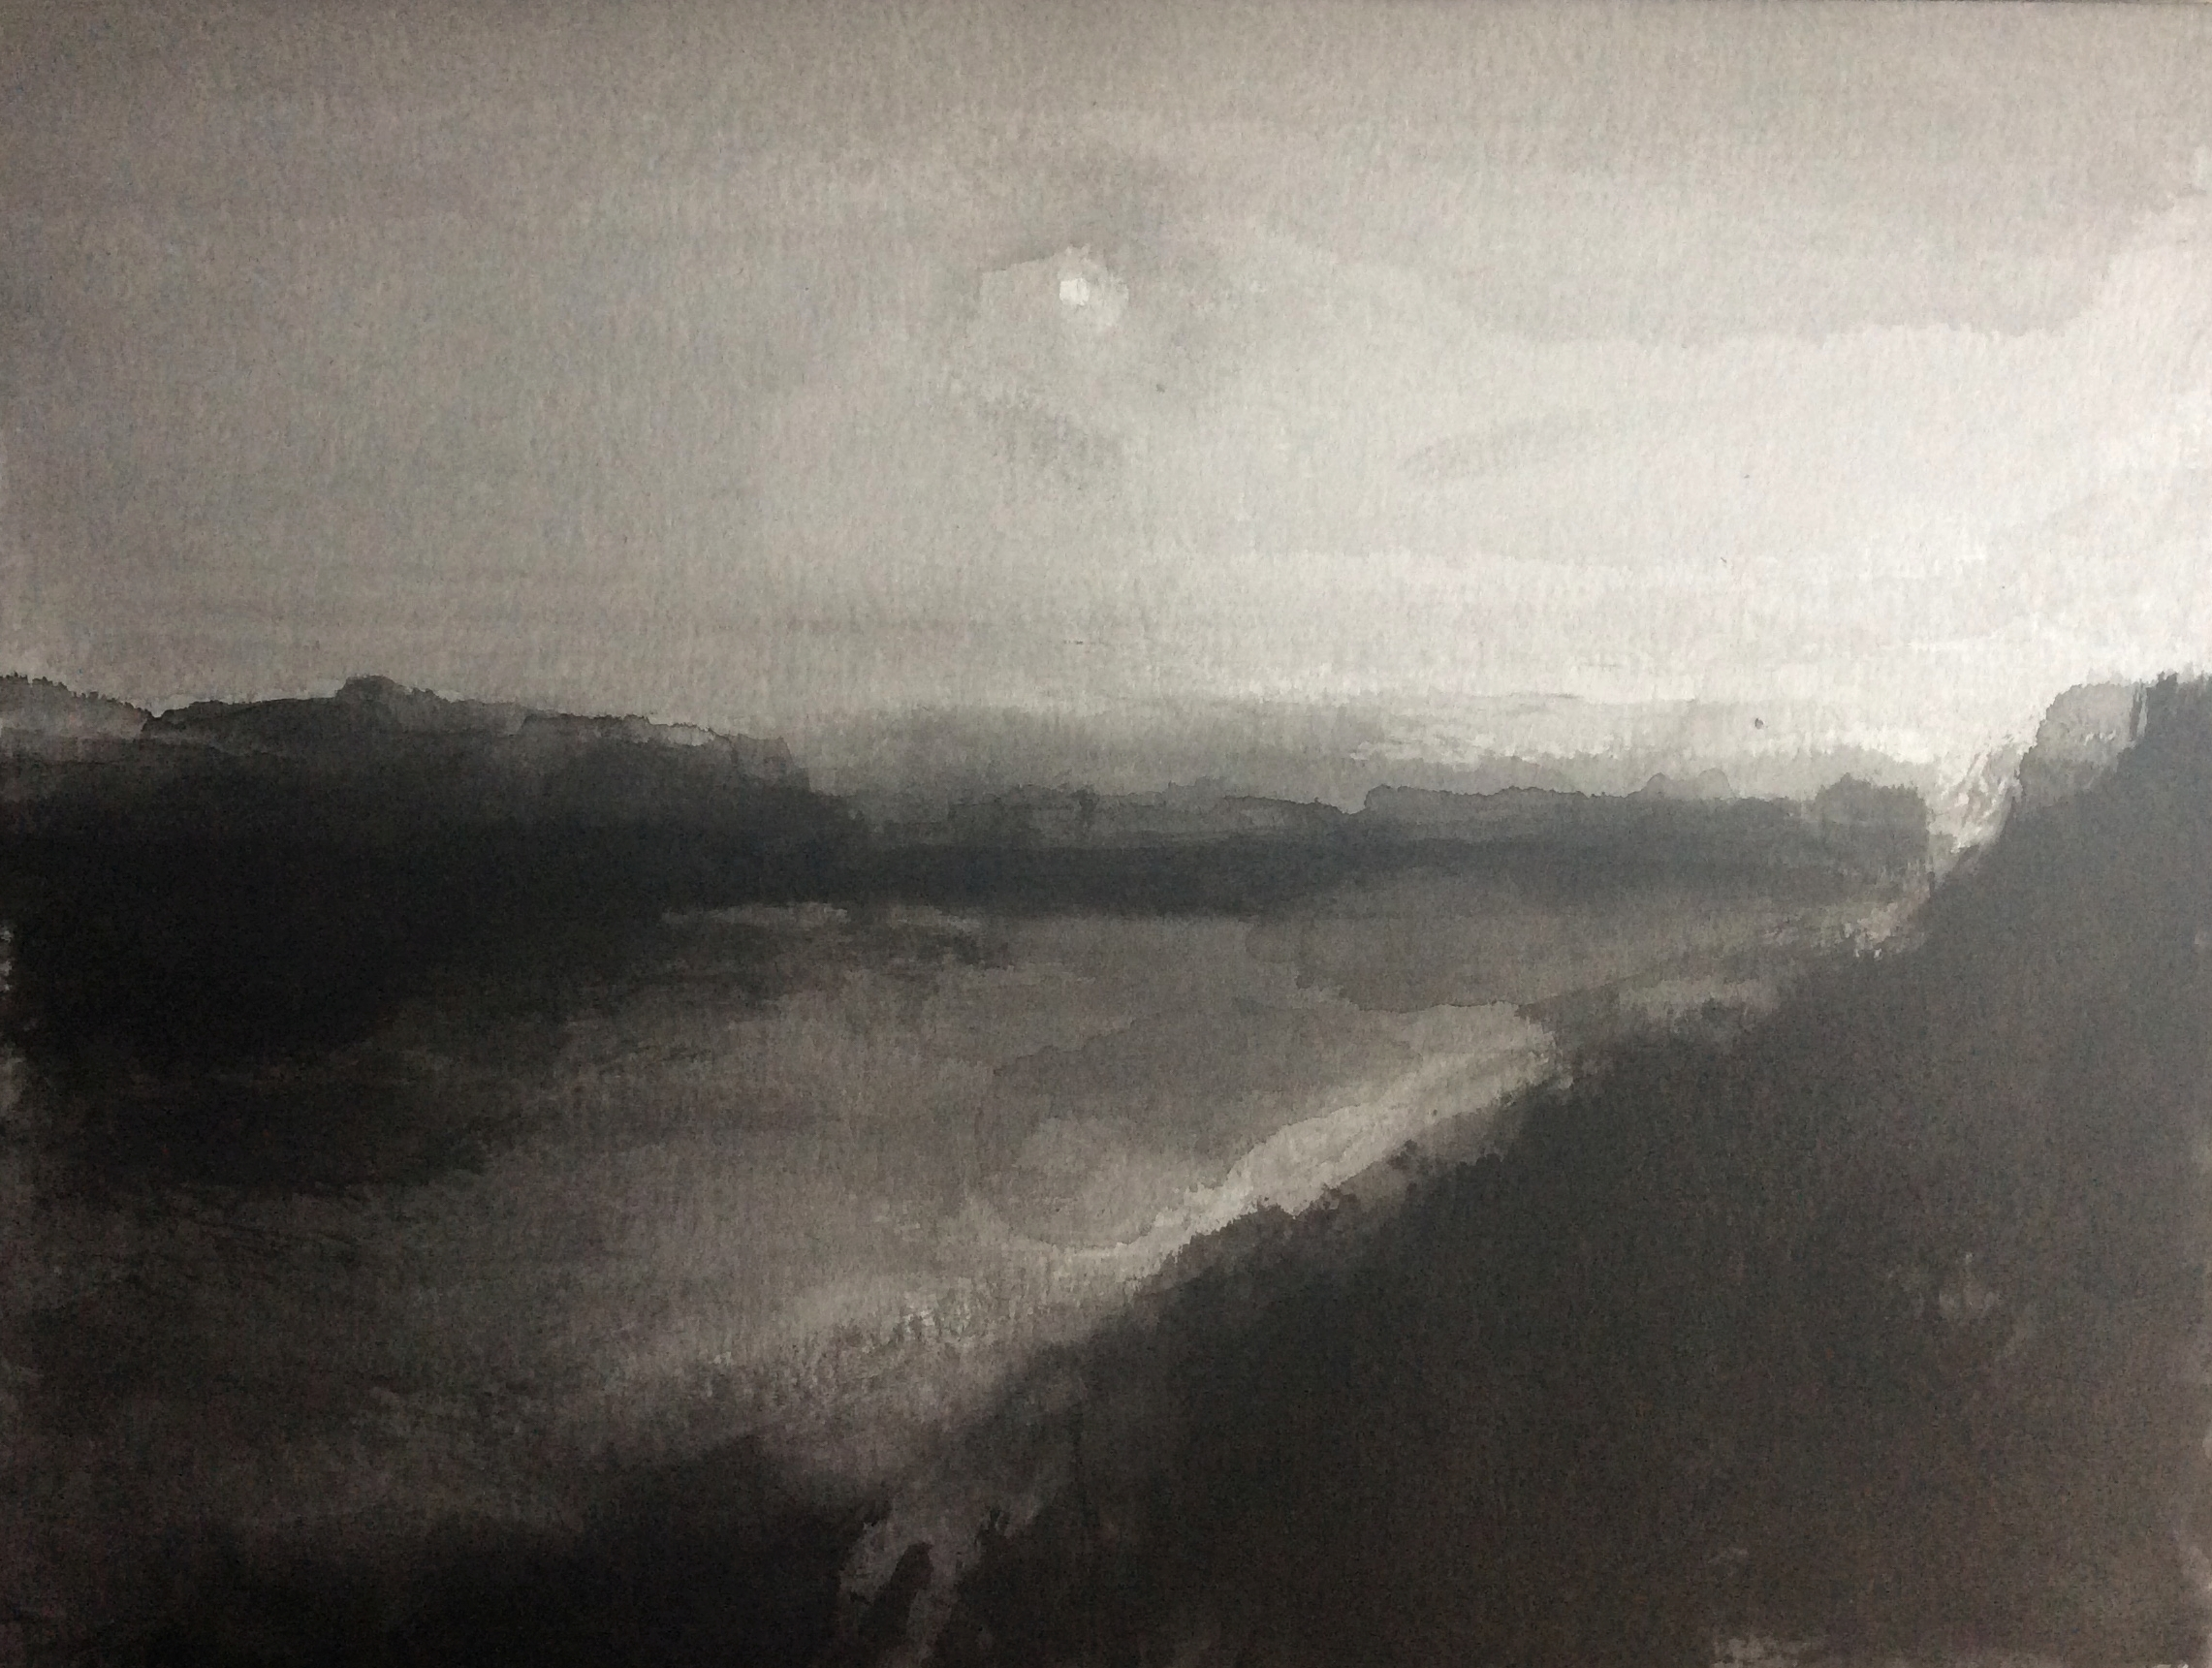 Vistula River, 30x40cm, ink, paper, 2020